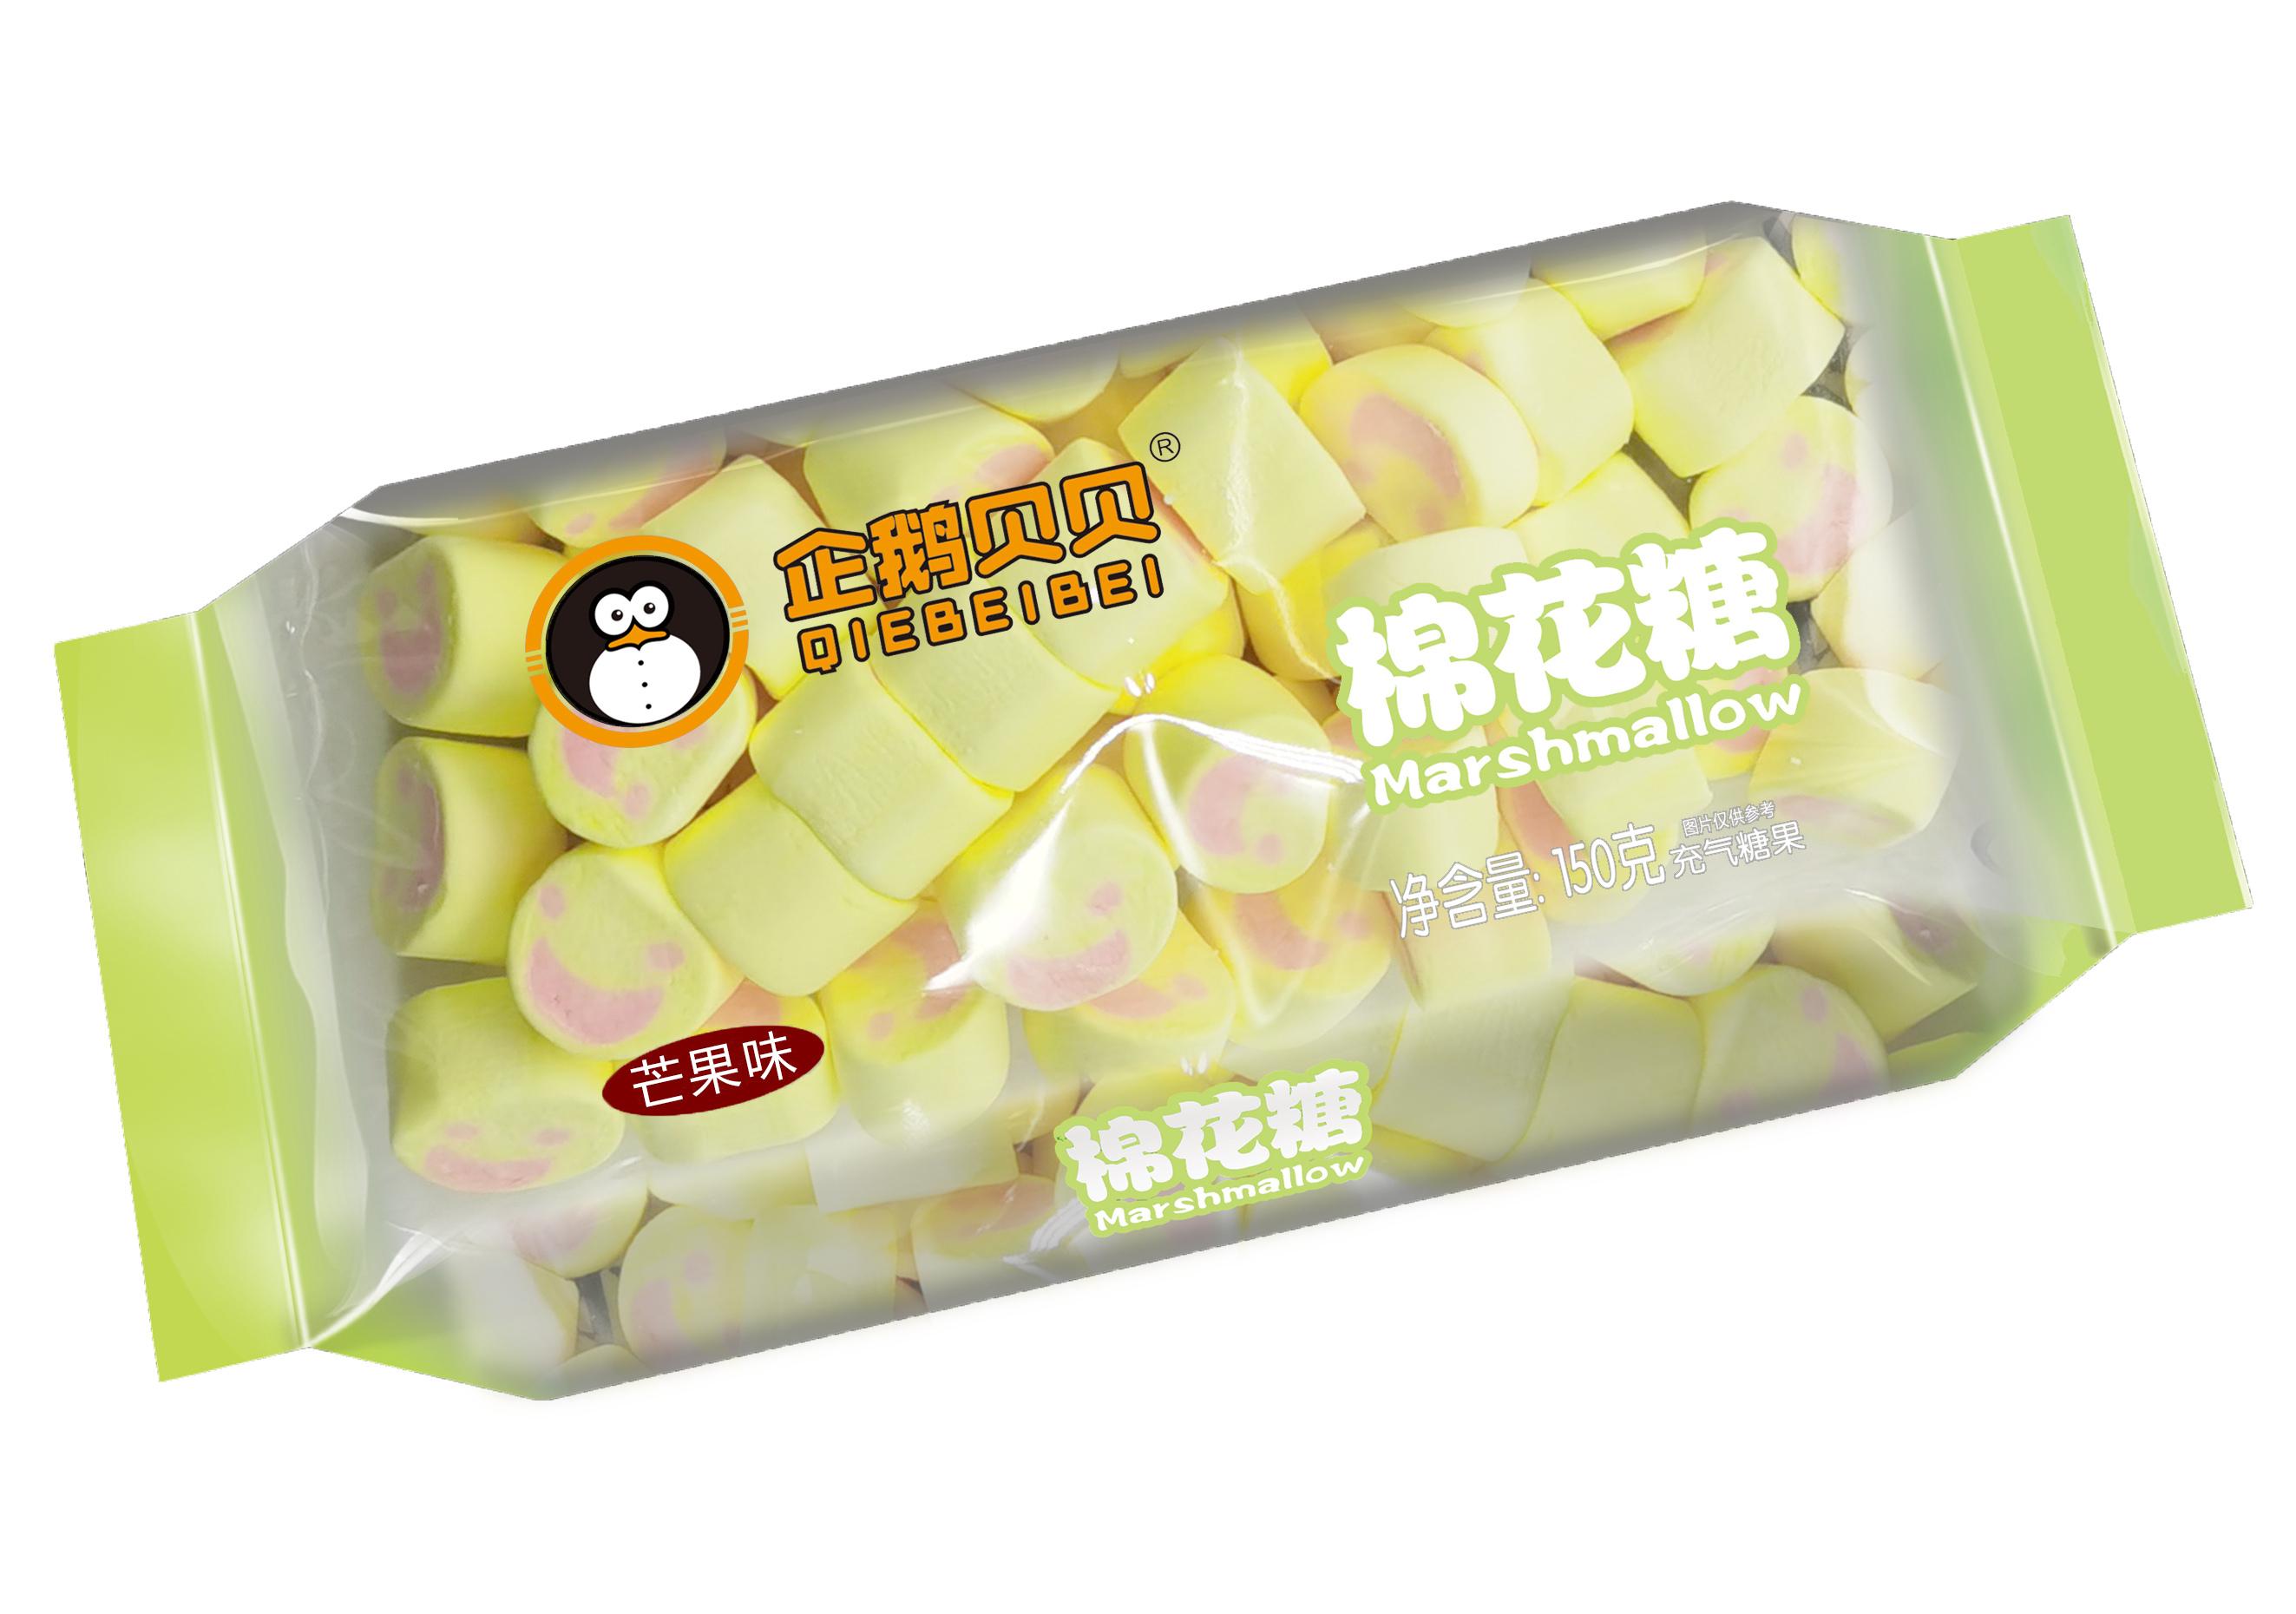 企鹅贝贝150克枕式棉花糖芒果味